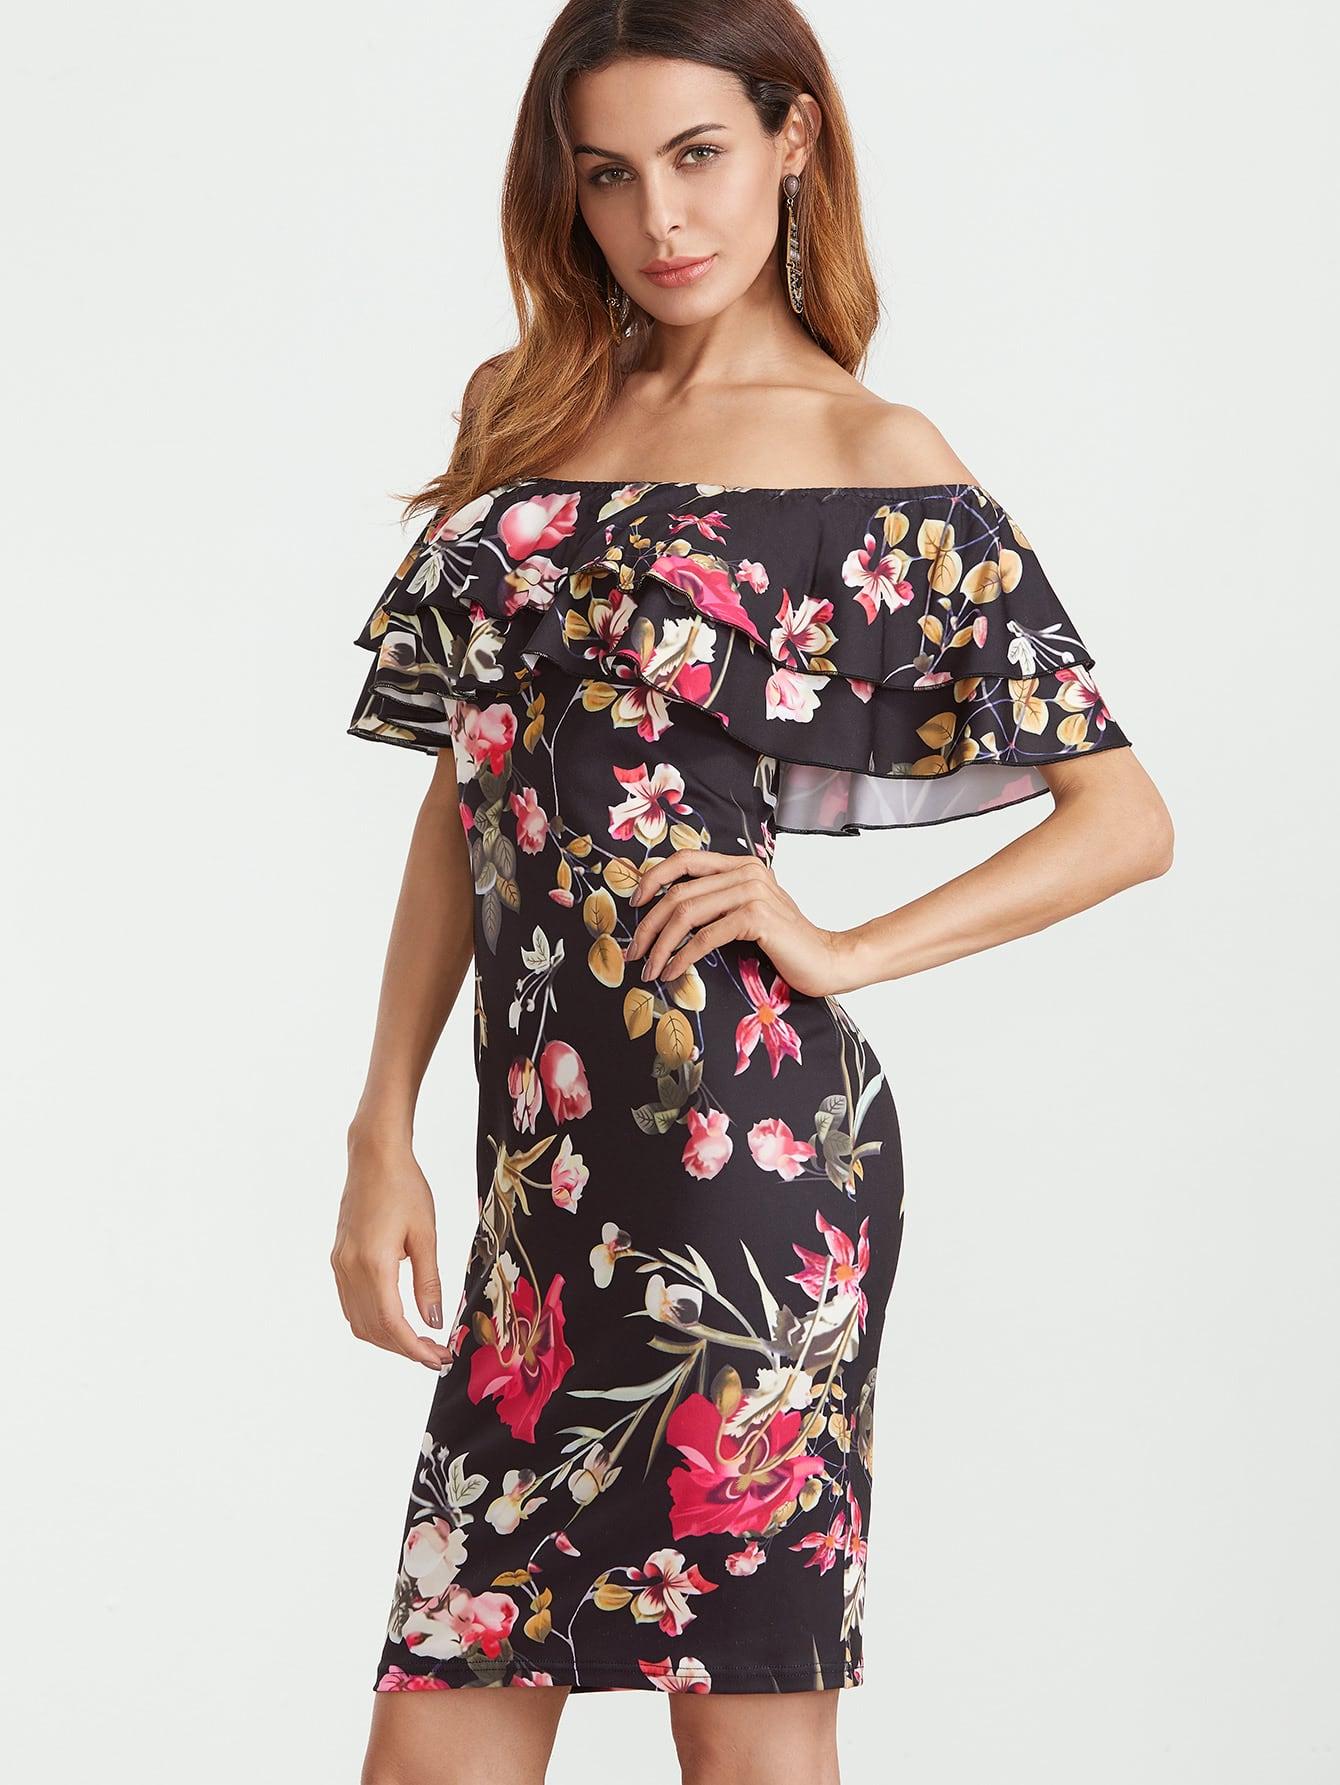 dress161215701_2